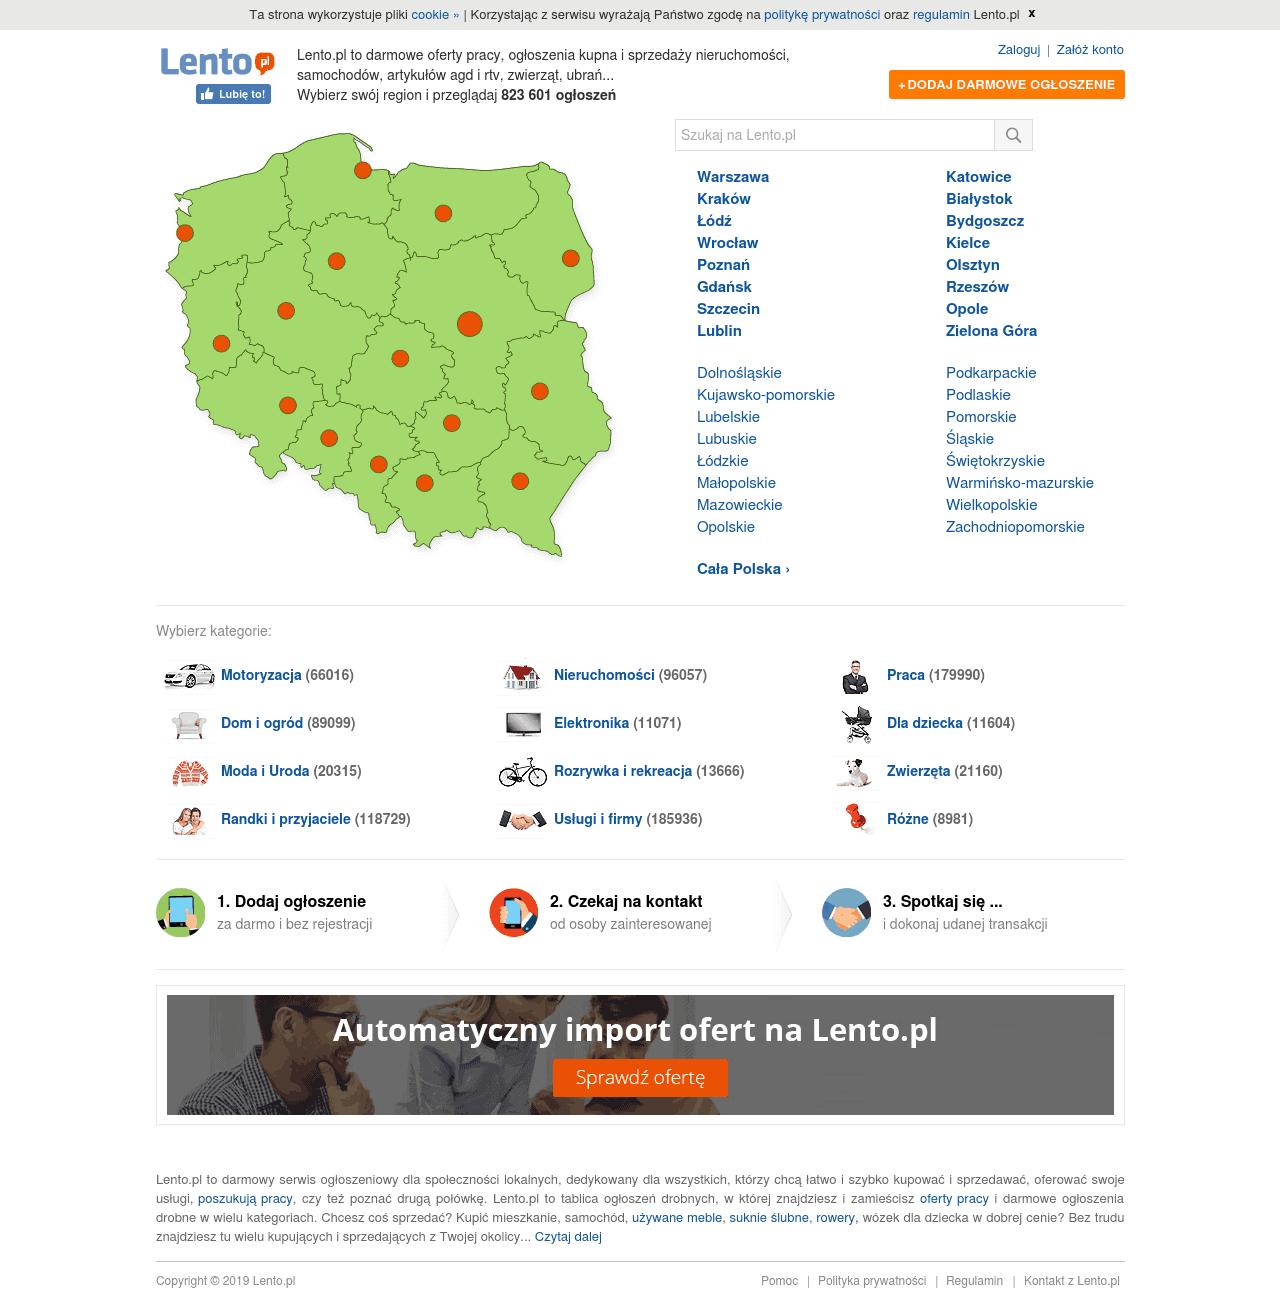 Lento.pl darmowe ogłoszenia